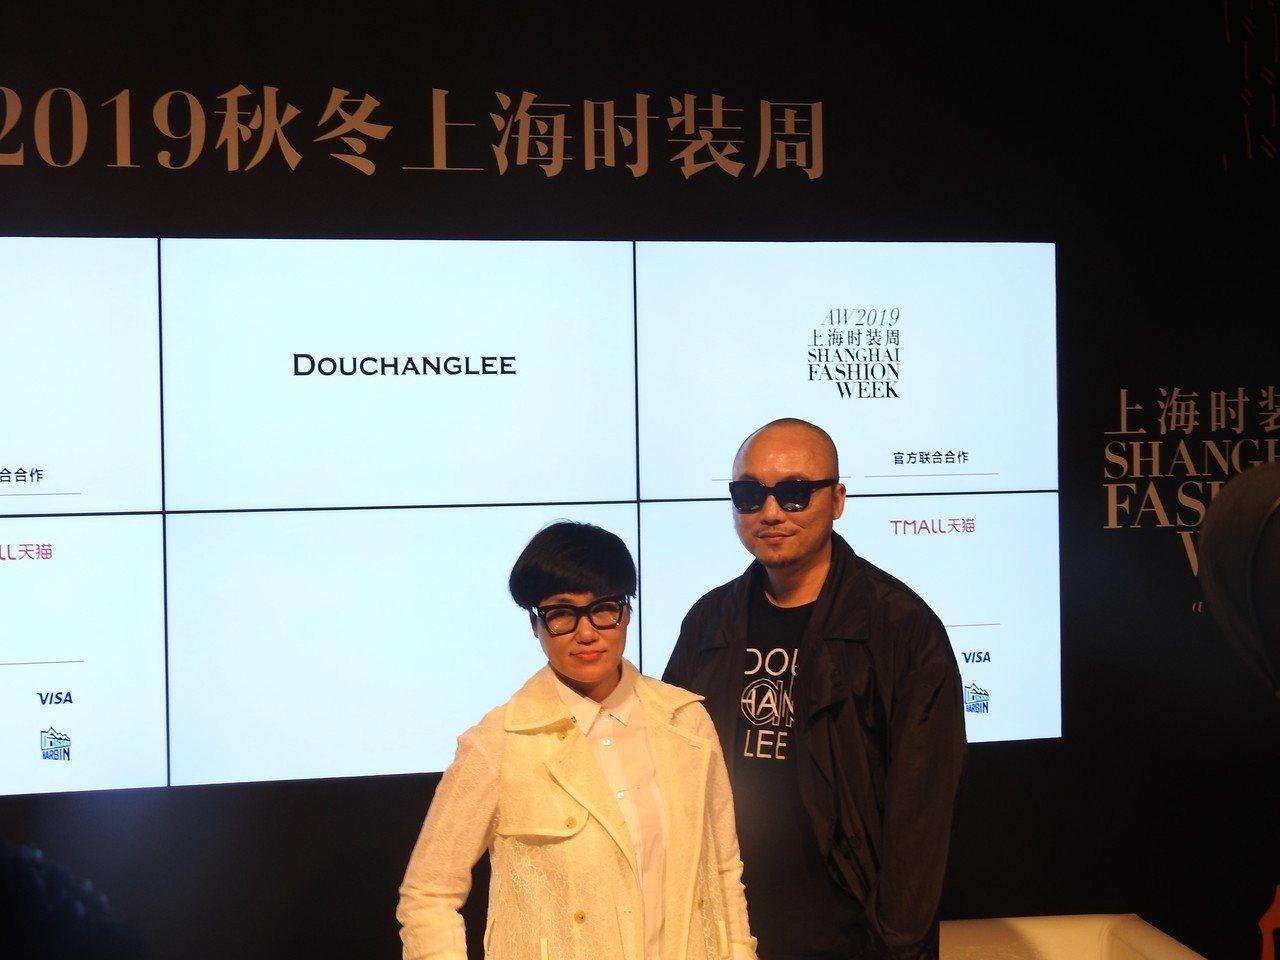 台灣師設計師竇騰璜(右)、張李玉菁(左)。特派記者林宸誼/攝影